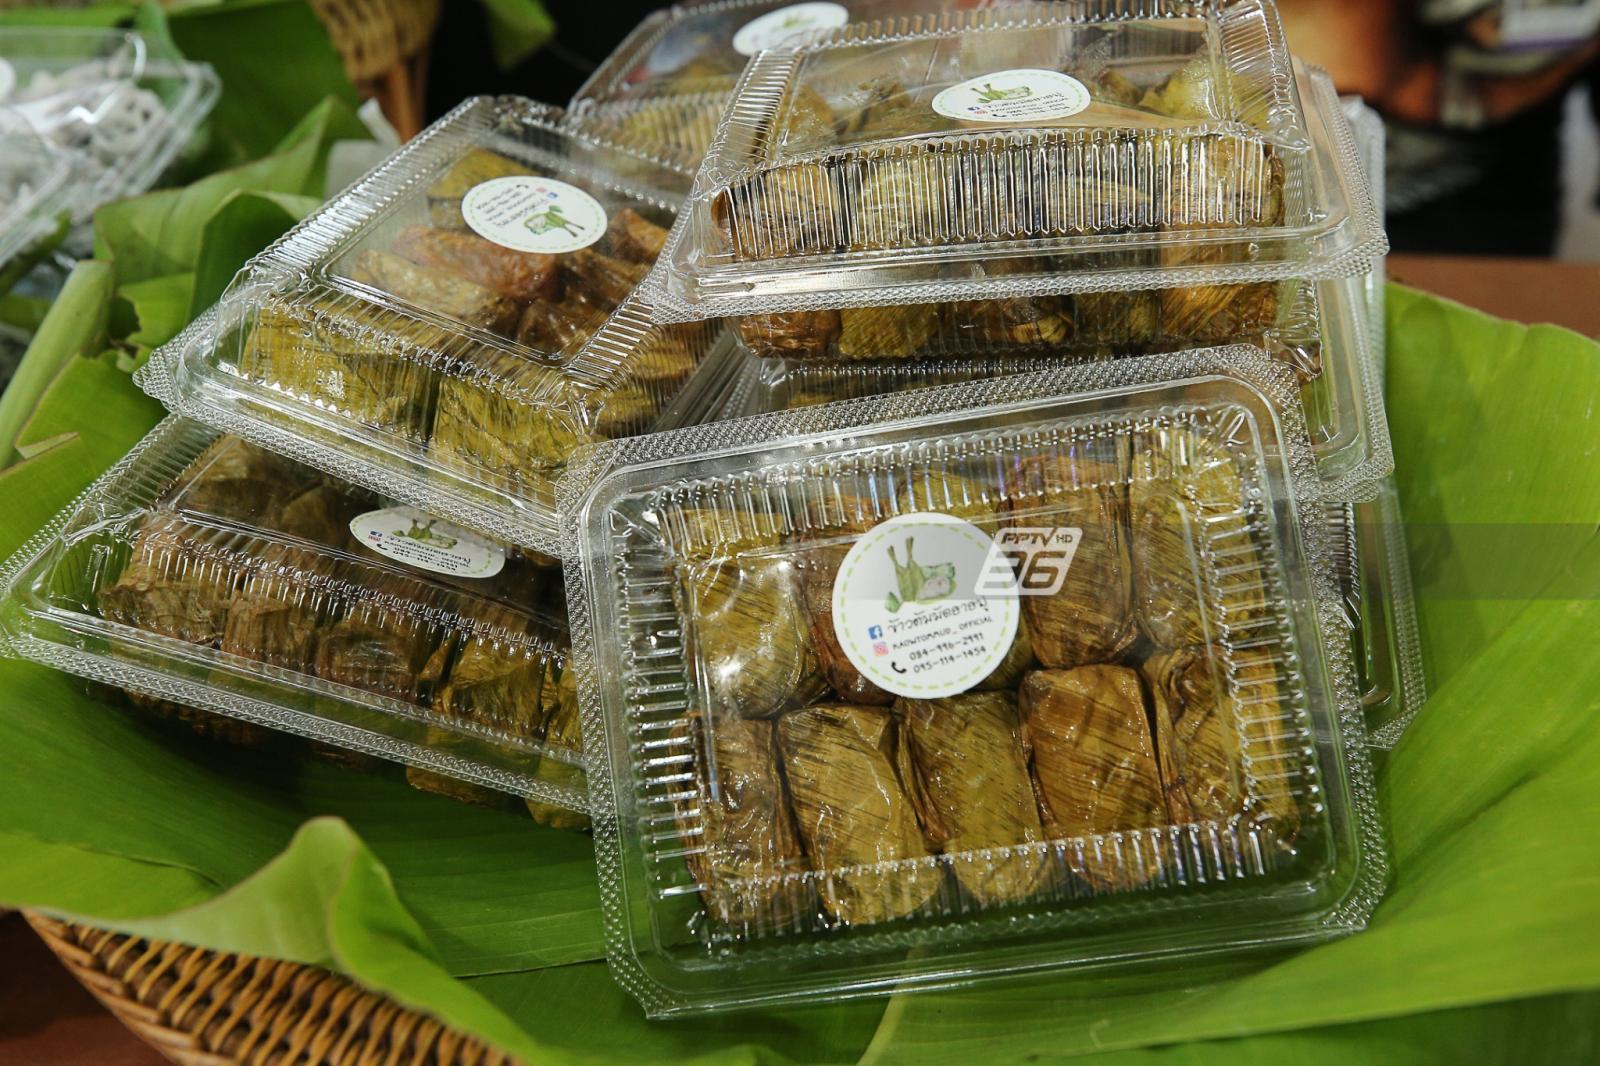 """สยามพารากอน ร่วมกับ กระทรวงวัฒนธรรม จัดมหกรรมอาหาร """"ไทยโอชา"""" ยกทัพสุดยอดจานเด่นร้านดังทั่วไทย"""